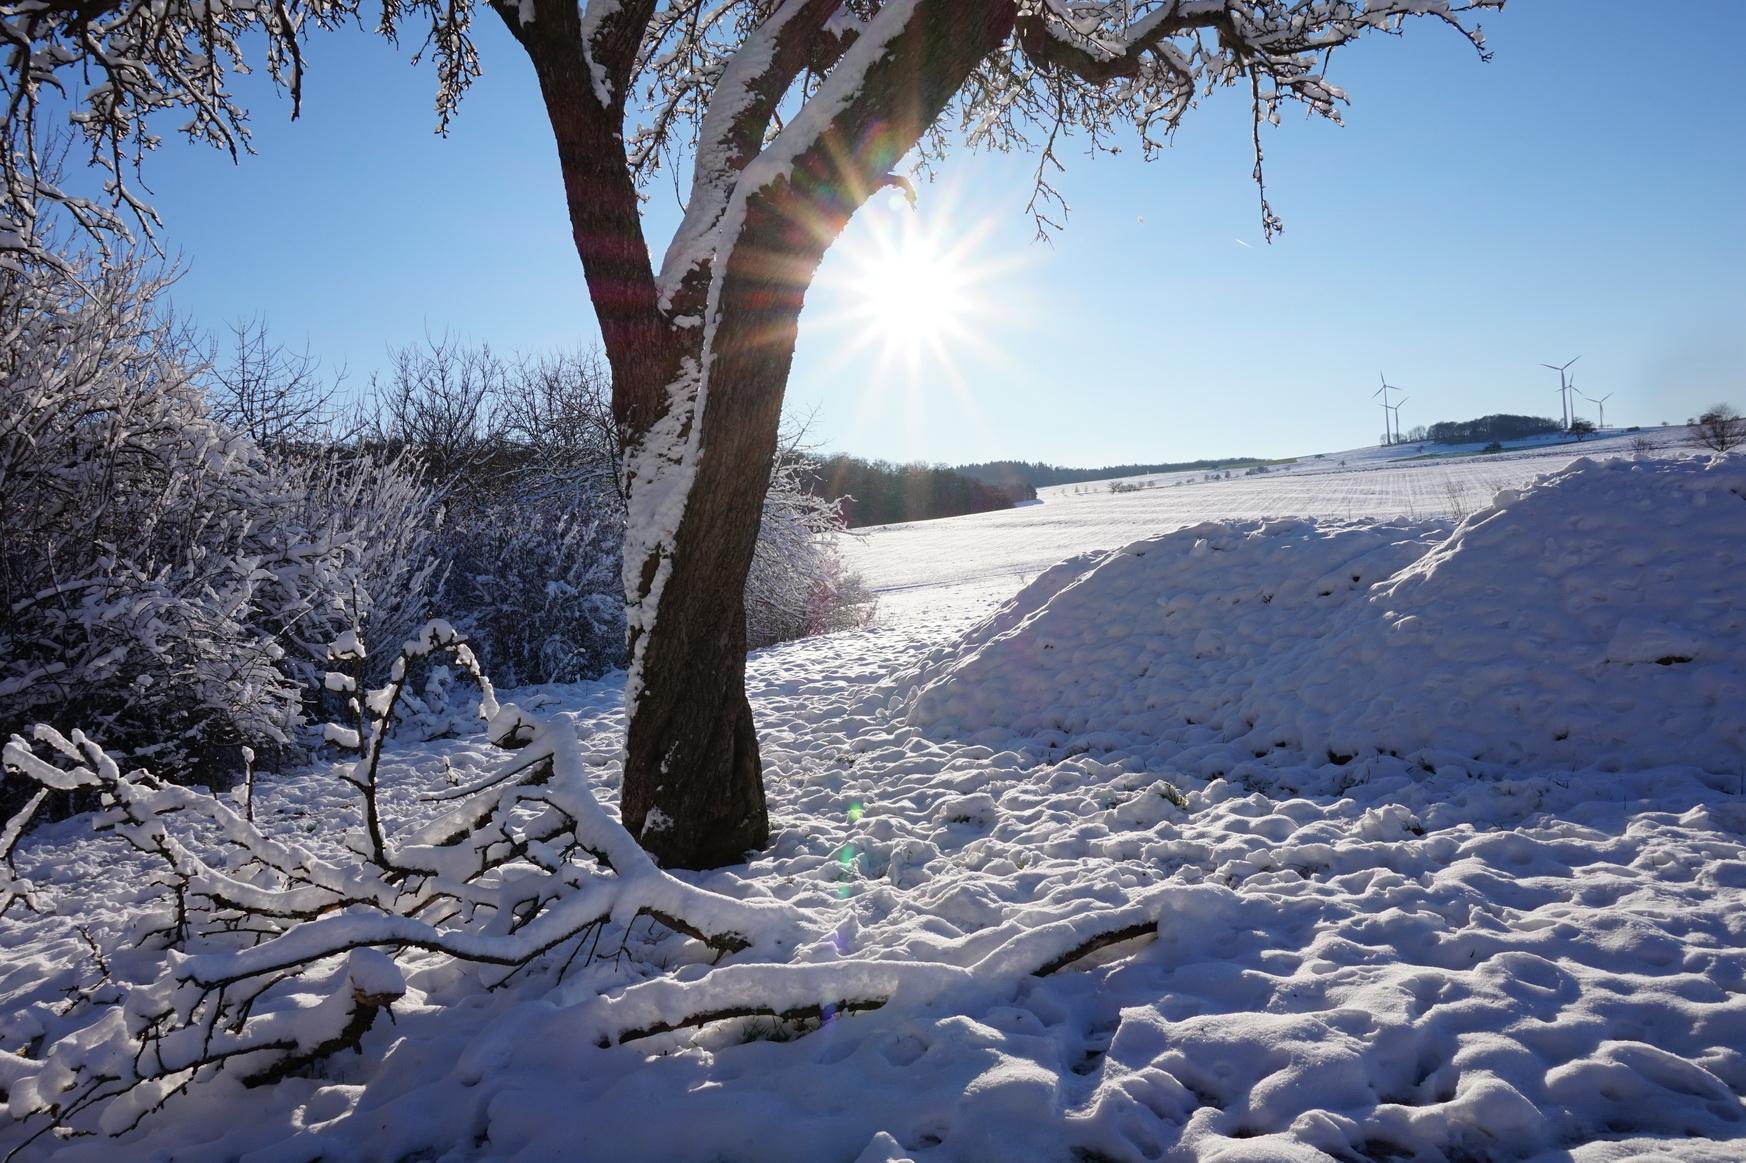 Dezember 2014 Winterwonderland im Westerwald am letzten Wochenende des Jahres